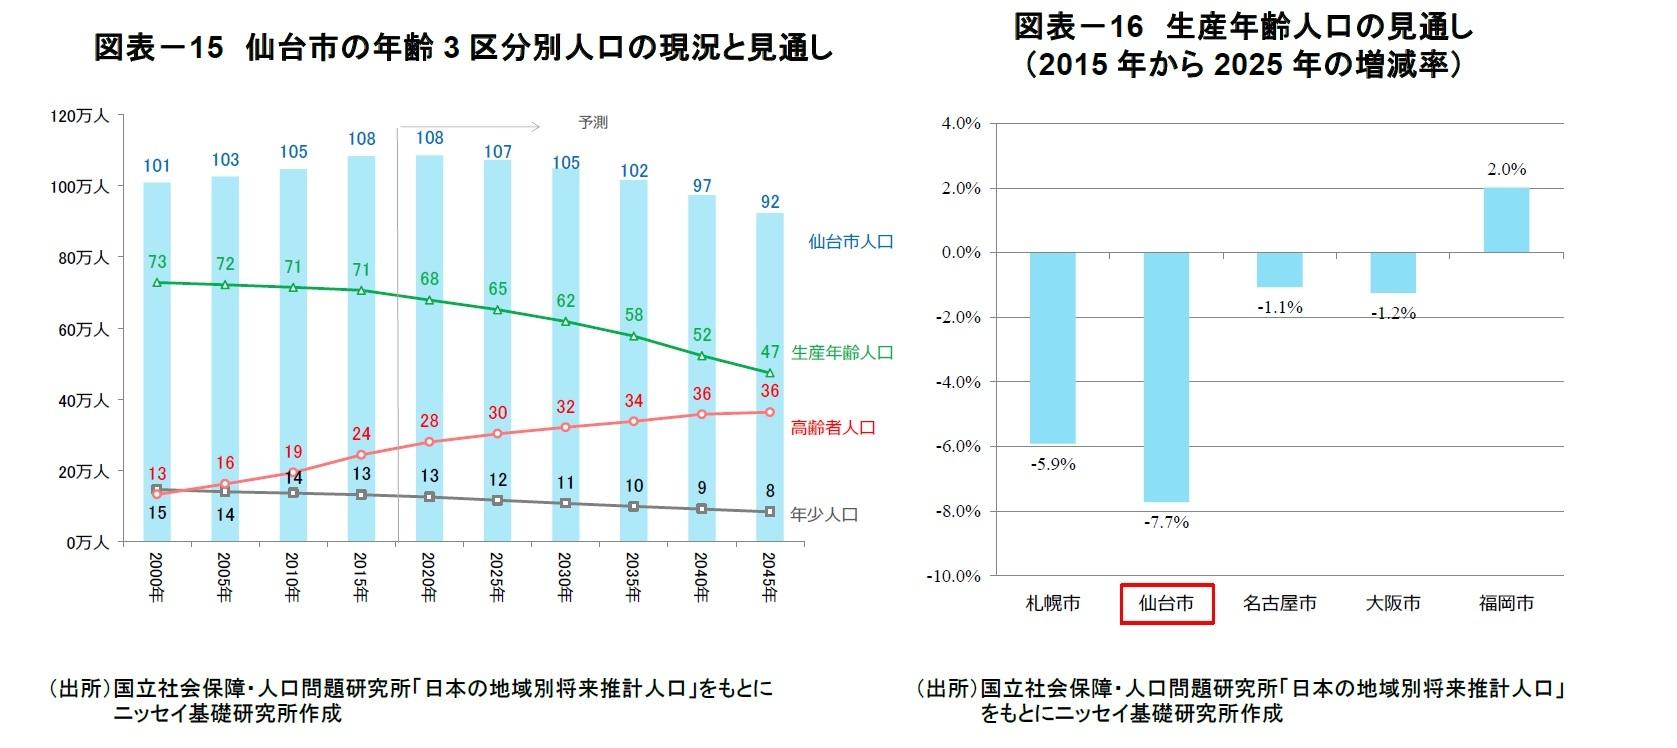 図表-15 仙台市の年齢3区分別人口の現況と見通し/図表-16 生産年齢人口の見通し(2015年から2025年の増減率)